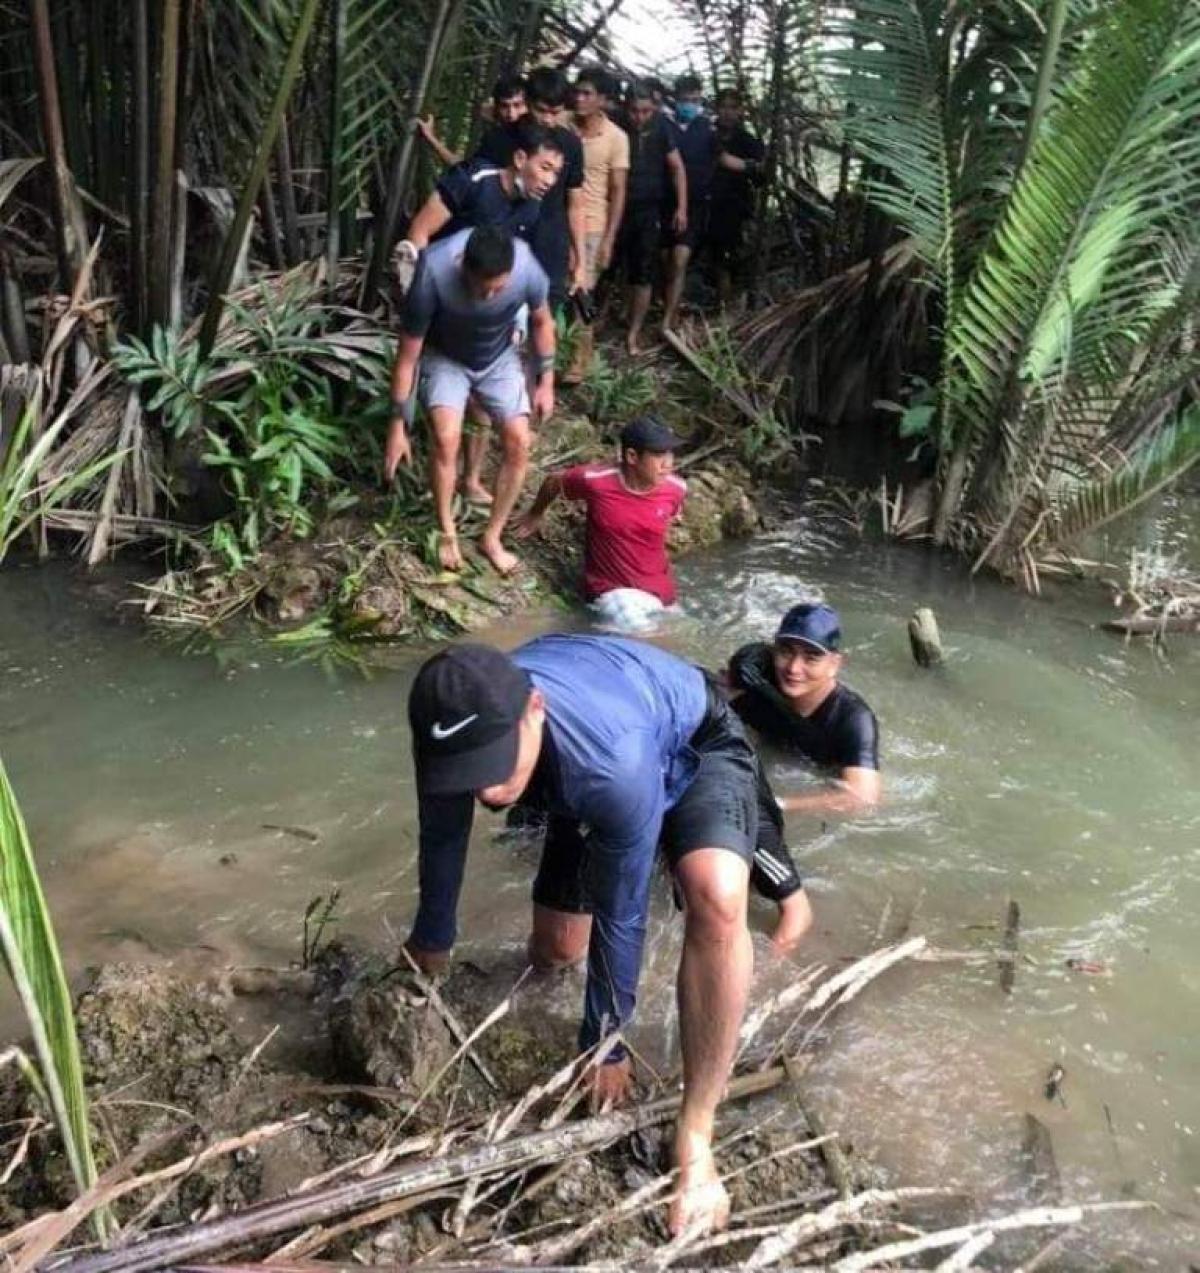 Công an tỉnh Đồng Nai băng qua sông suối tiếp cận hiện trường sới bạc